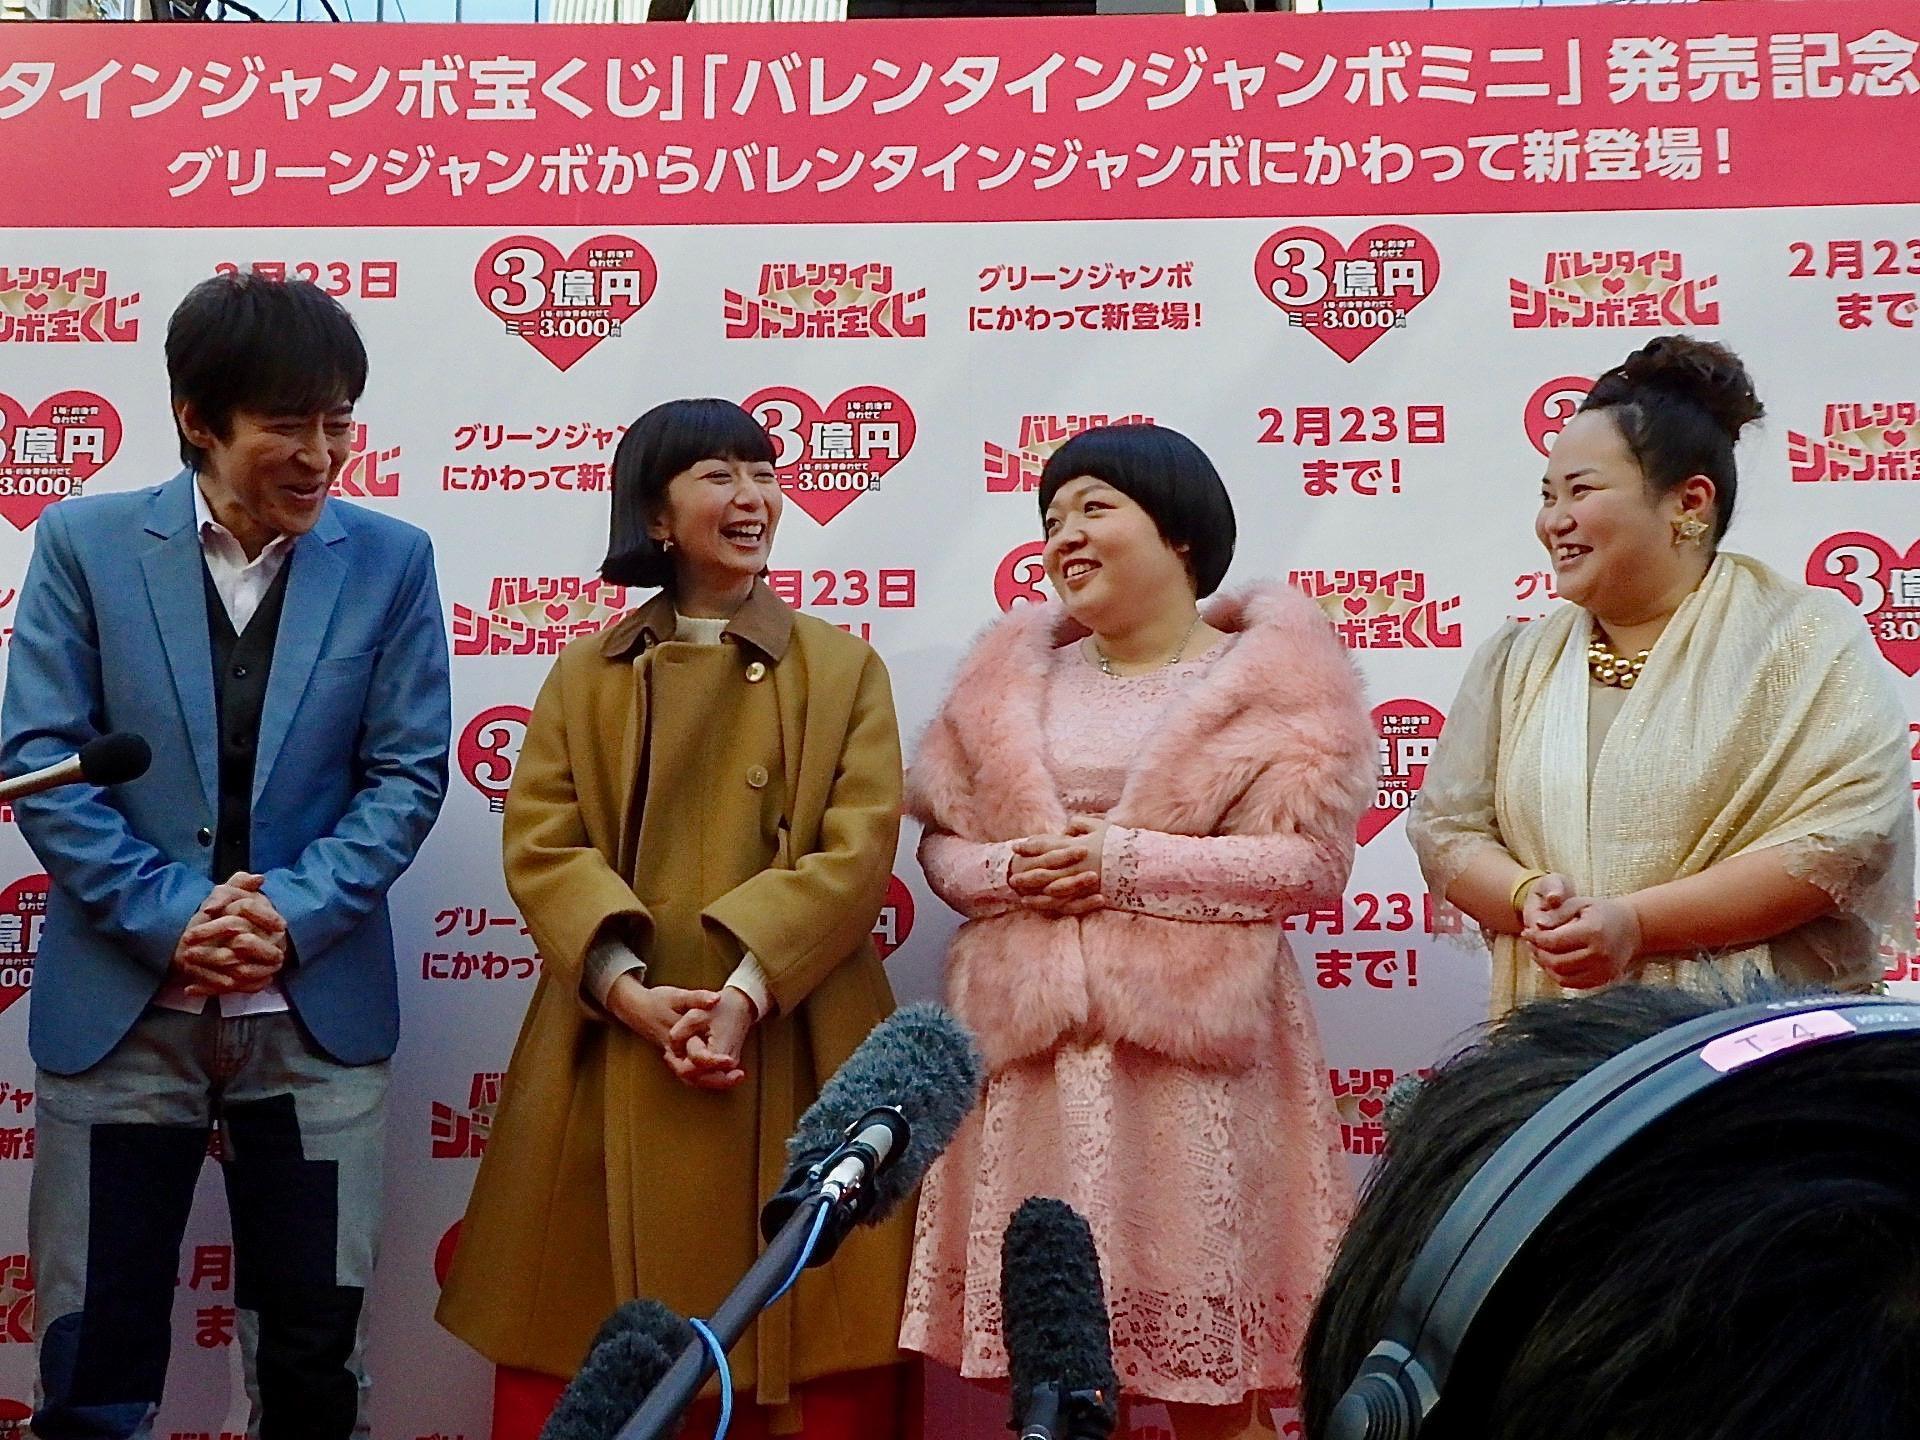 http://news.yoshimoto.co.jp/20180131180921-a17c72b1f896a4ee56c63f0b29a12f0d0372e980.jpg